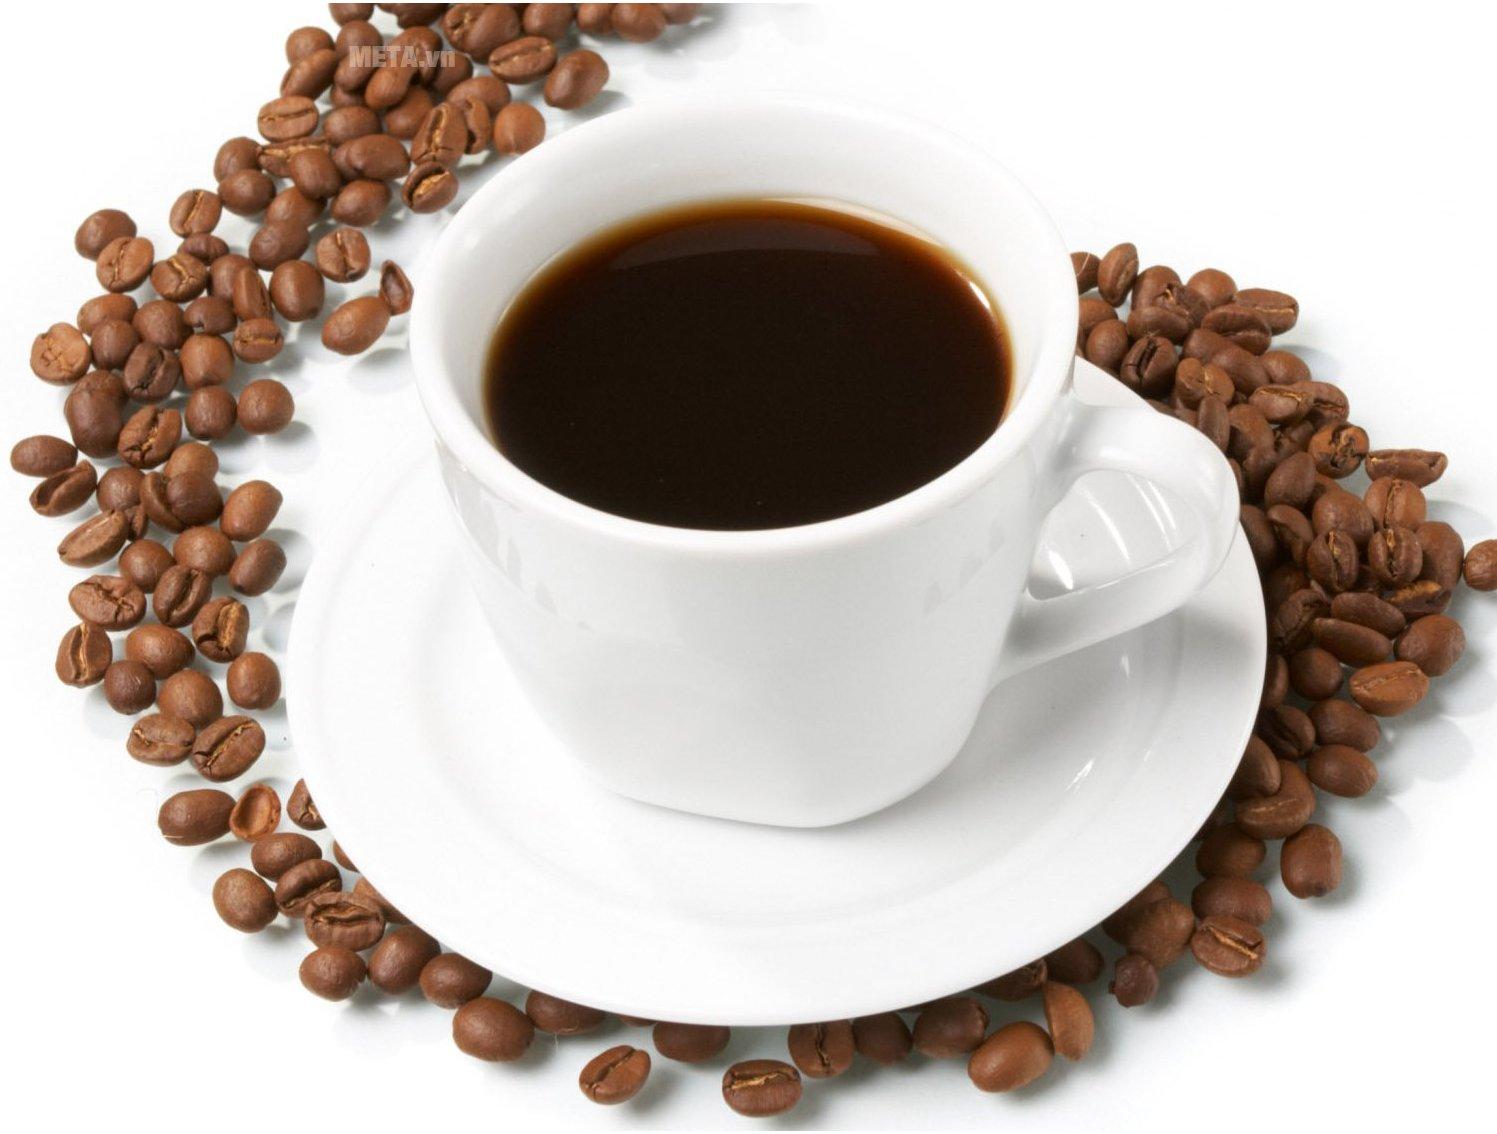 Cà phê hạt Procaffe Riccaroma mang đến hương vị đậm đà